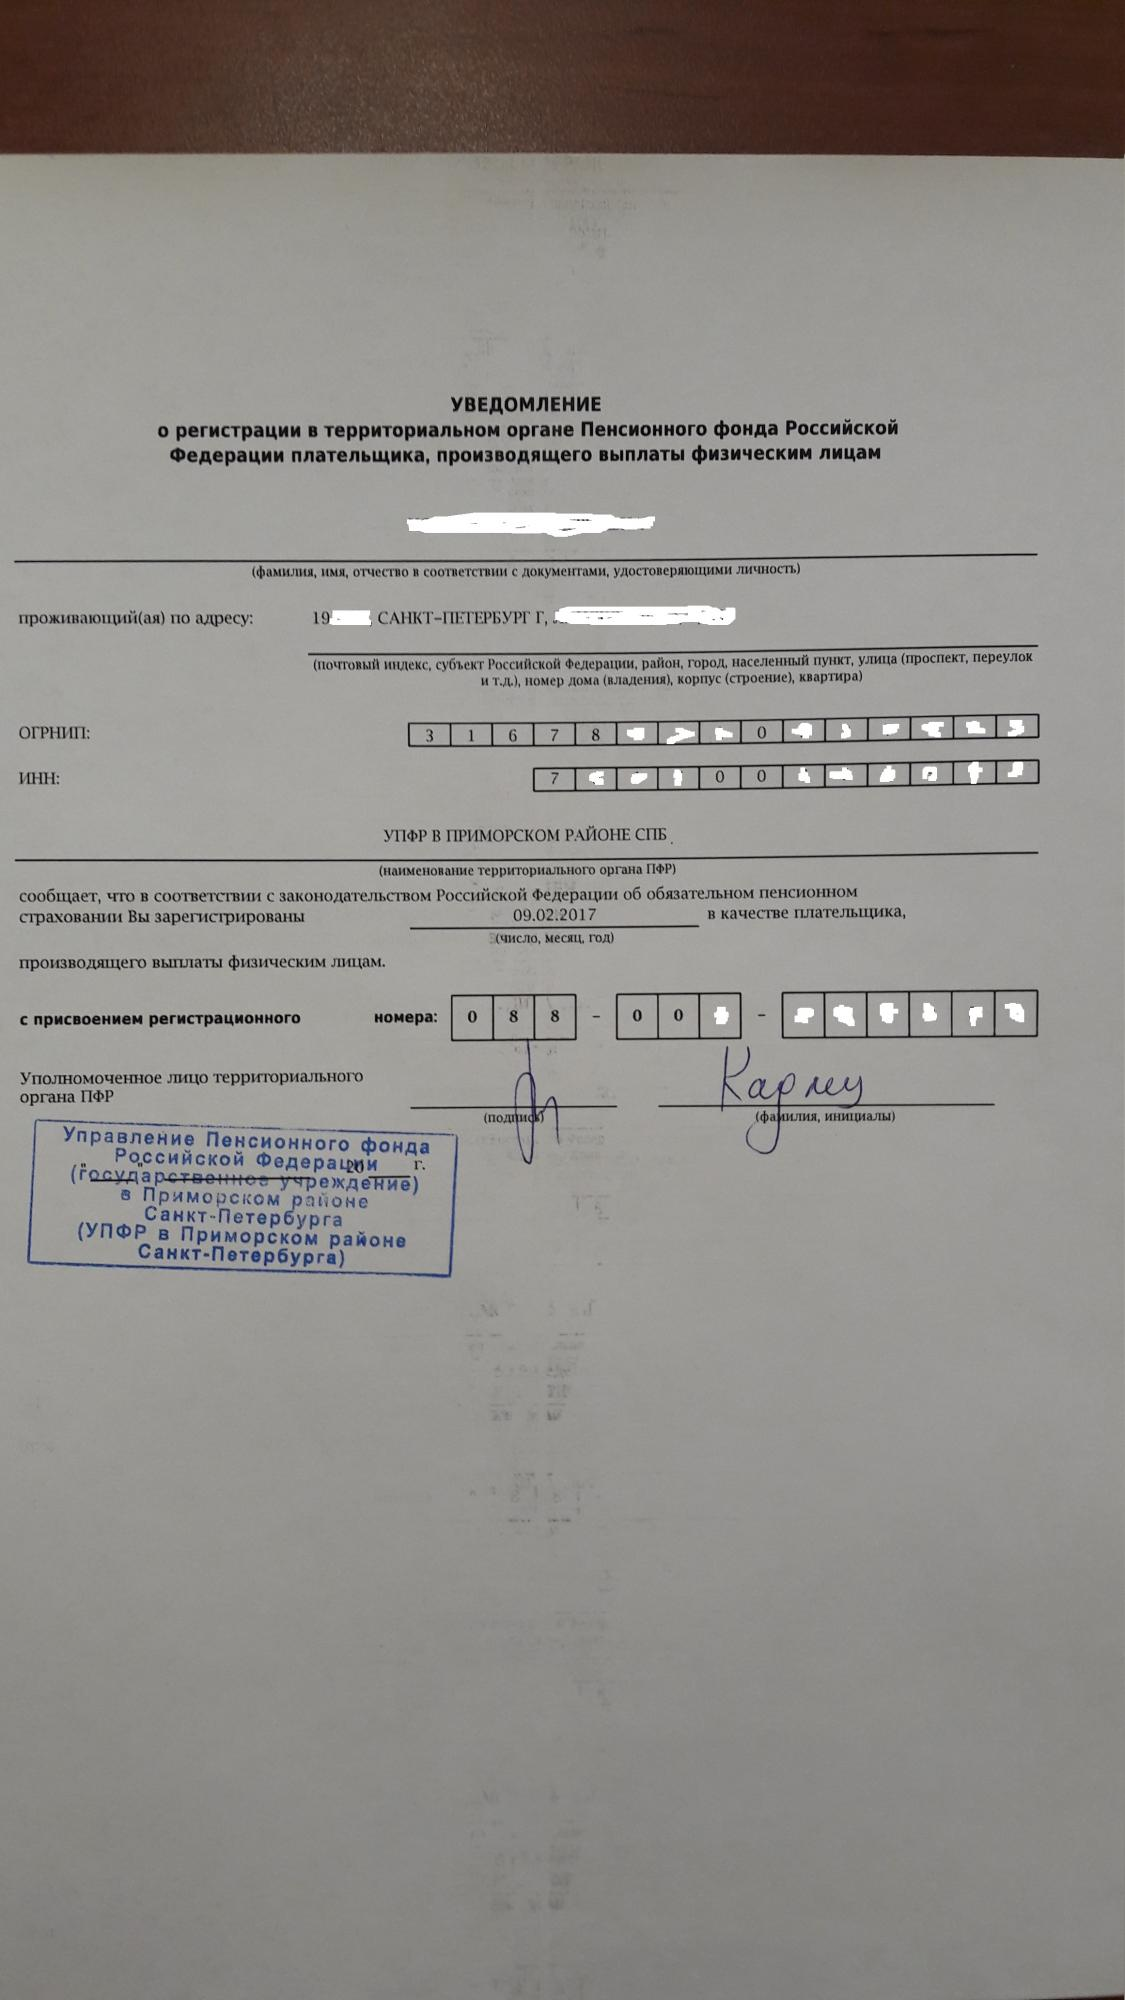 https://forum.klerk.ru/attachment.php?attachmentid=59298&d=1486659905